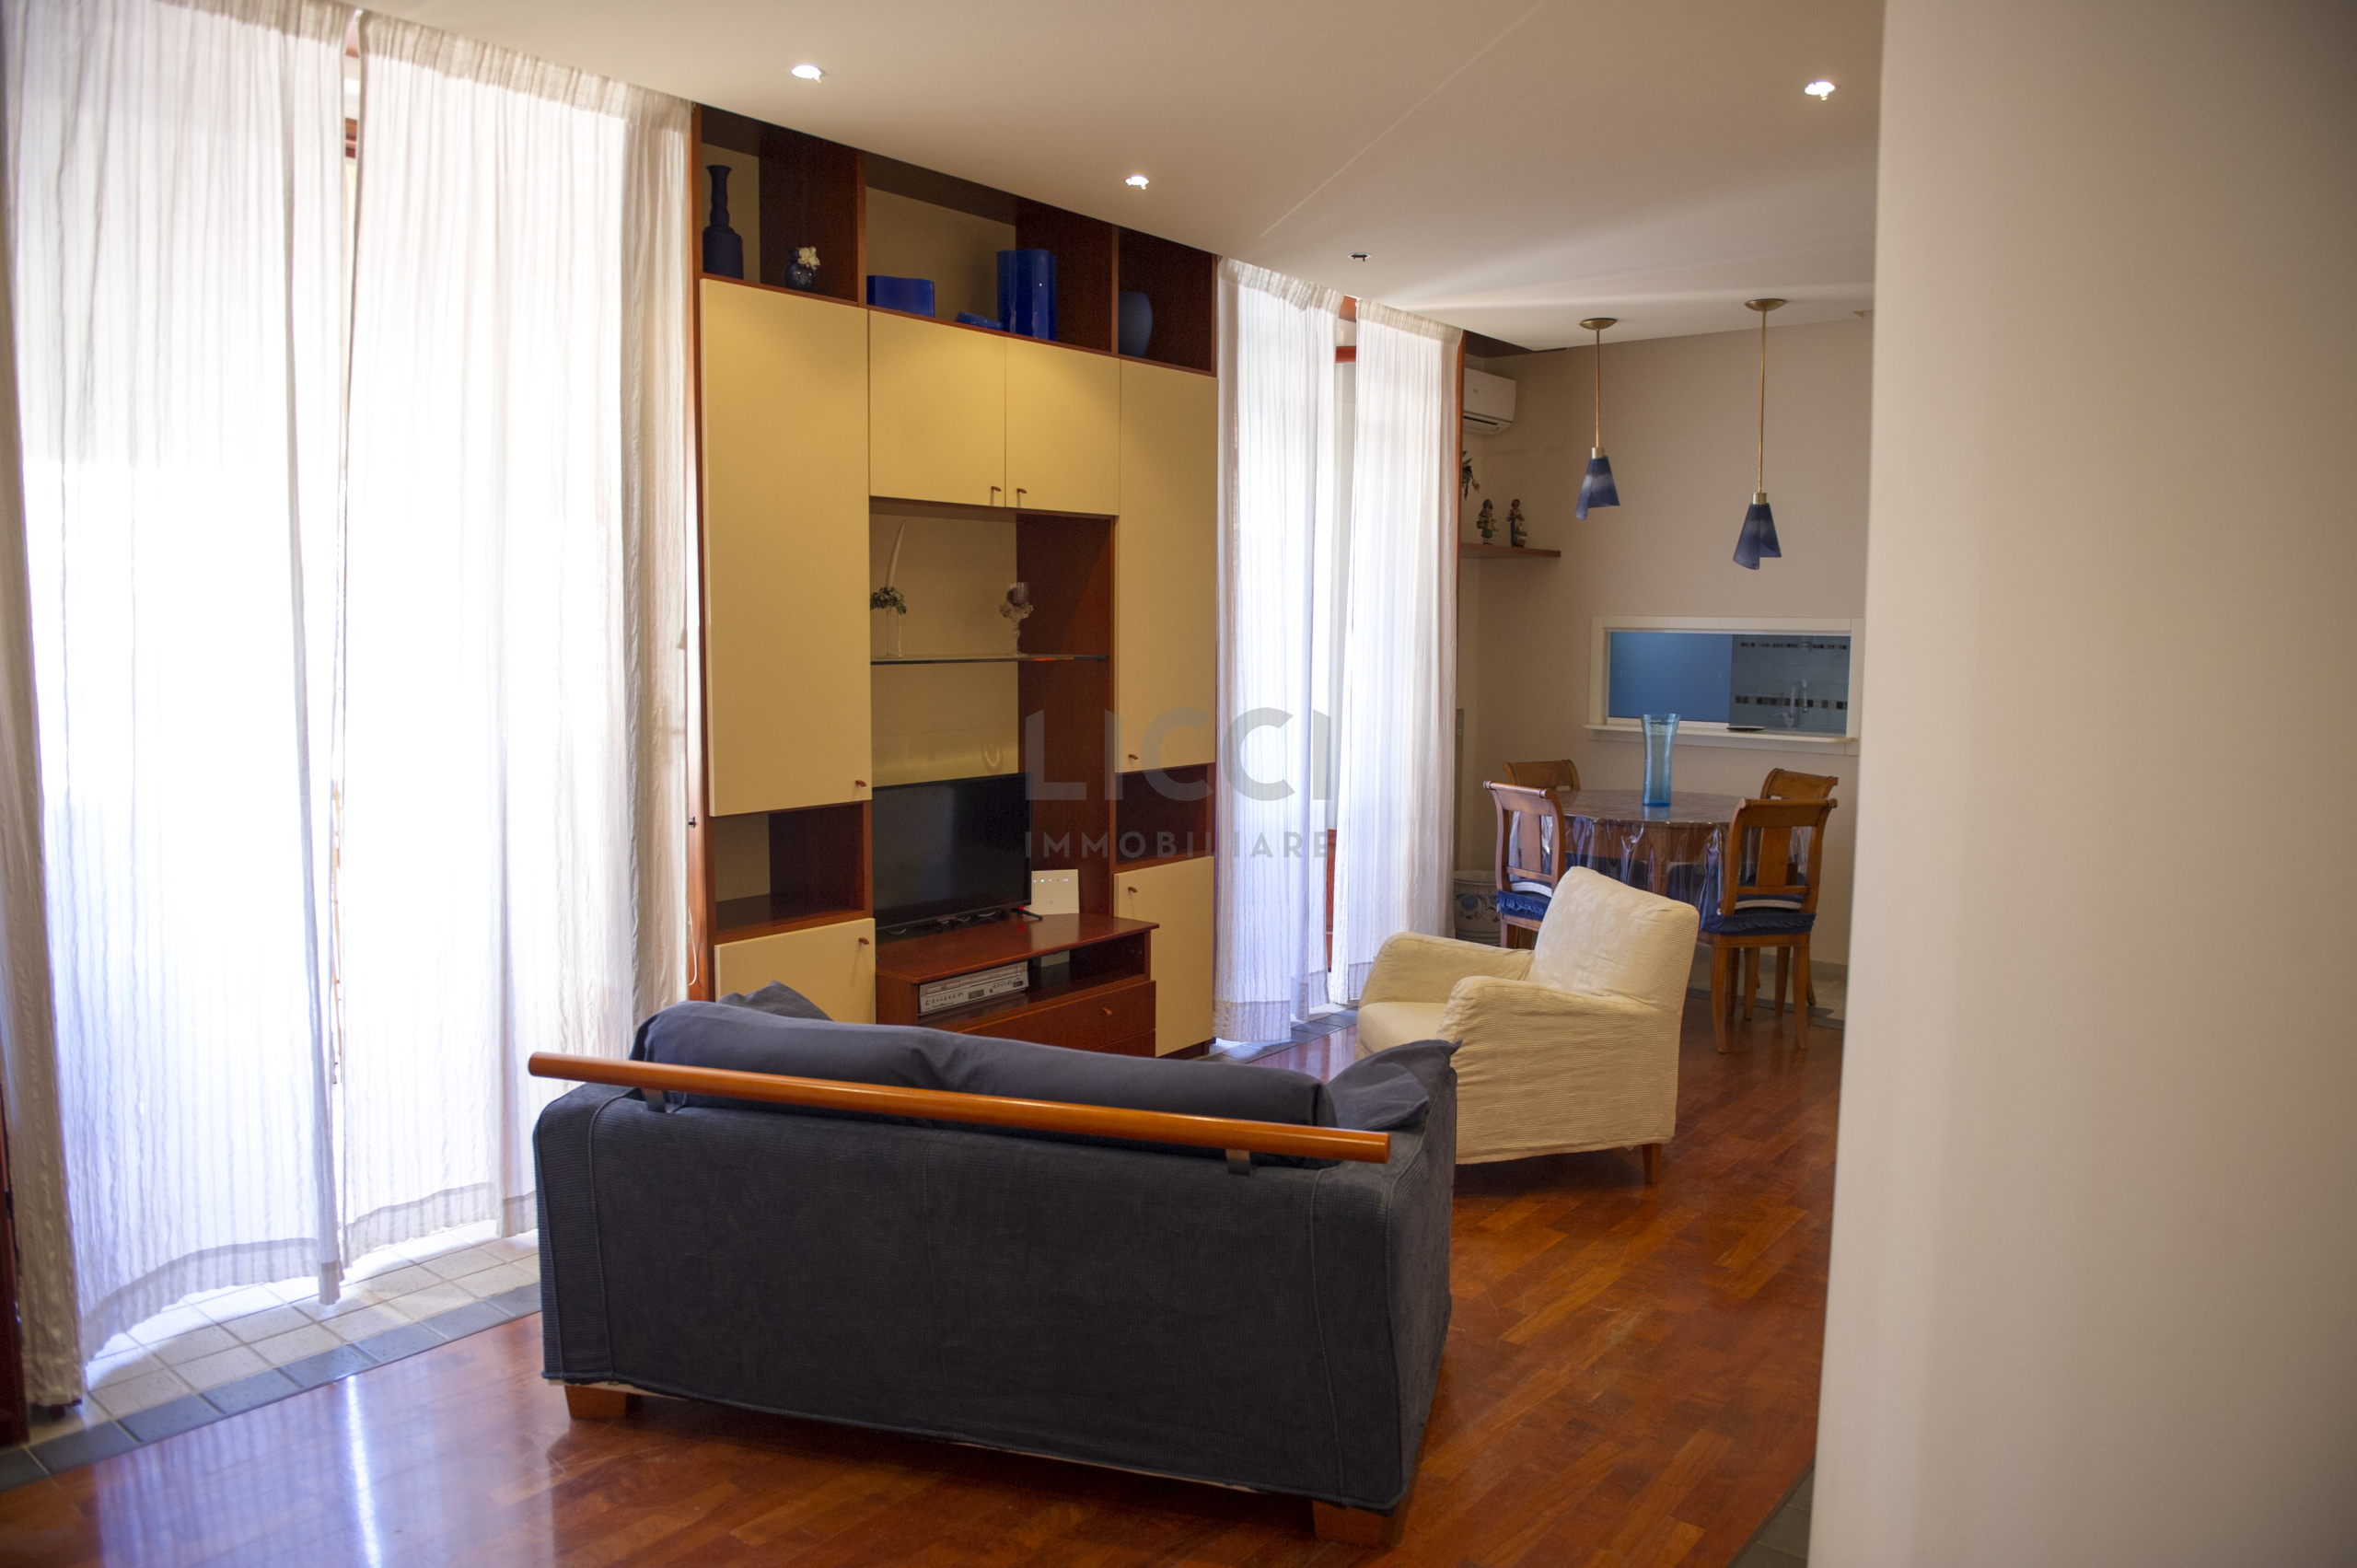 Appartamento a Monopoli Via San Donato 20, Semicentrale